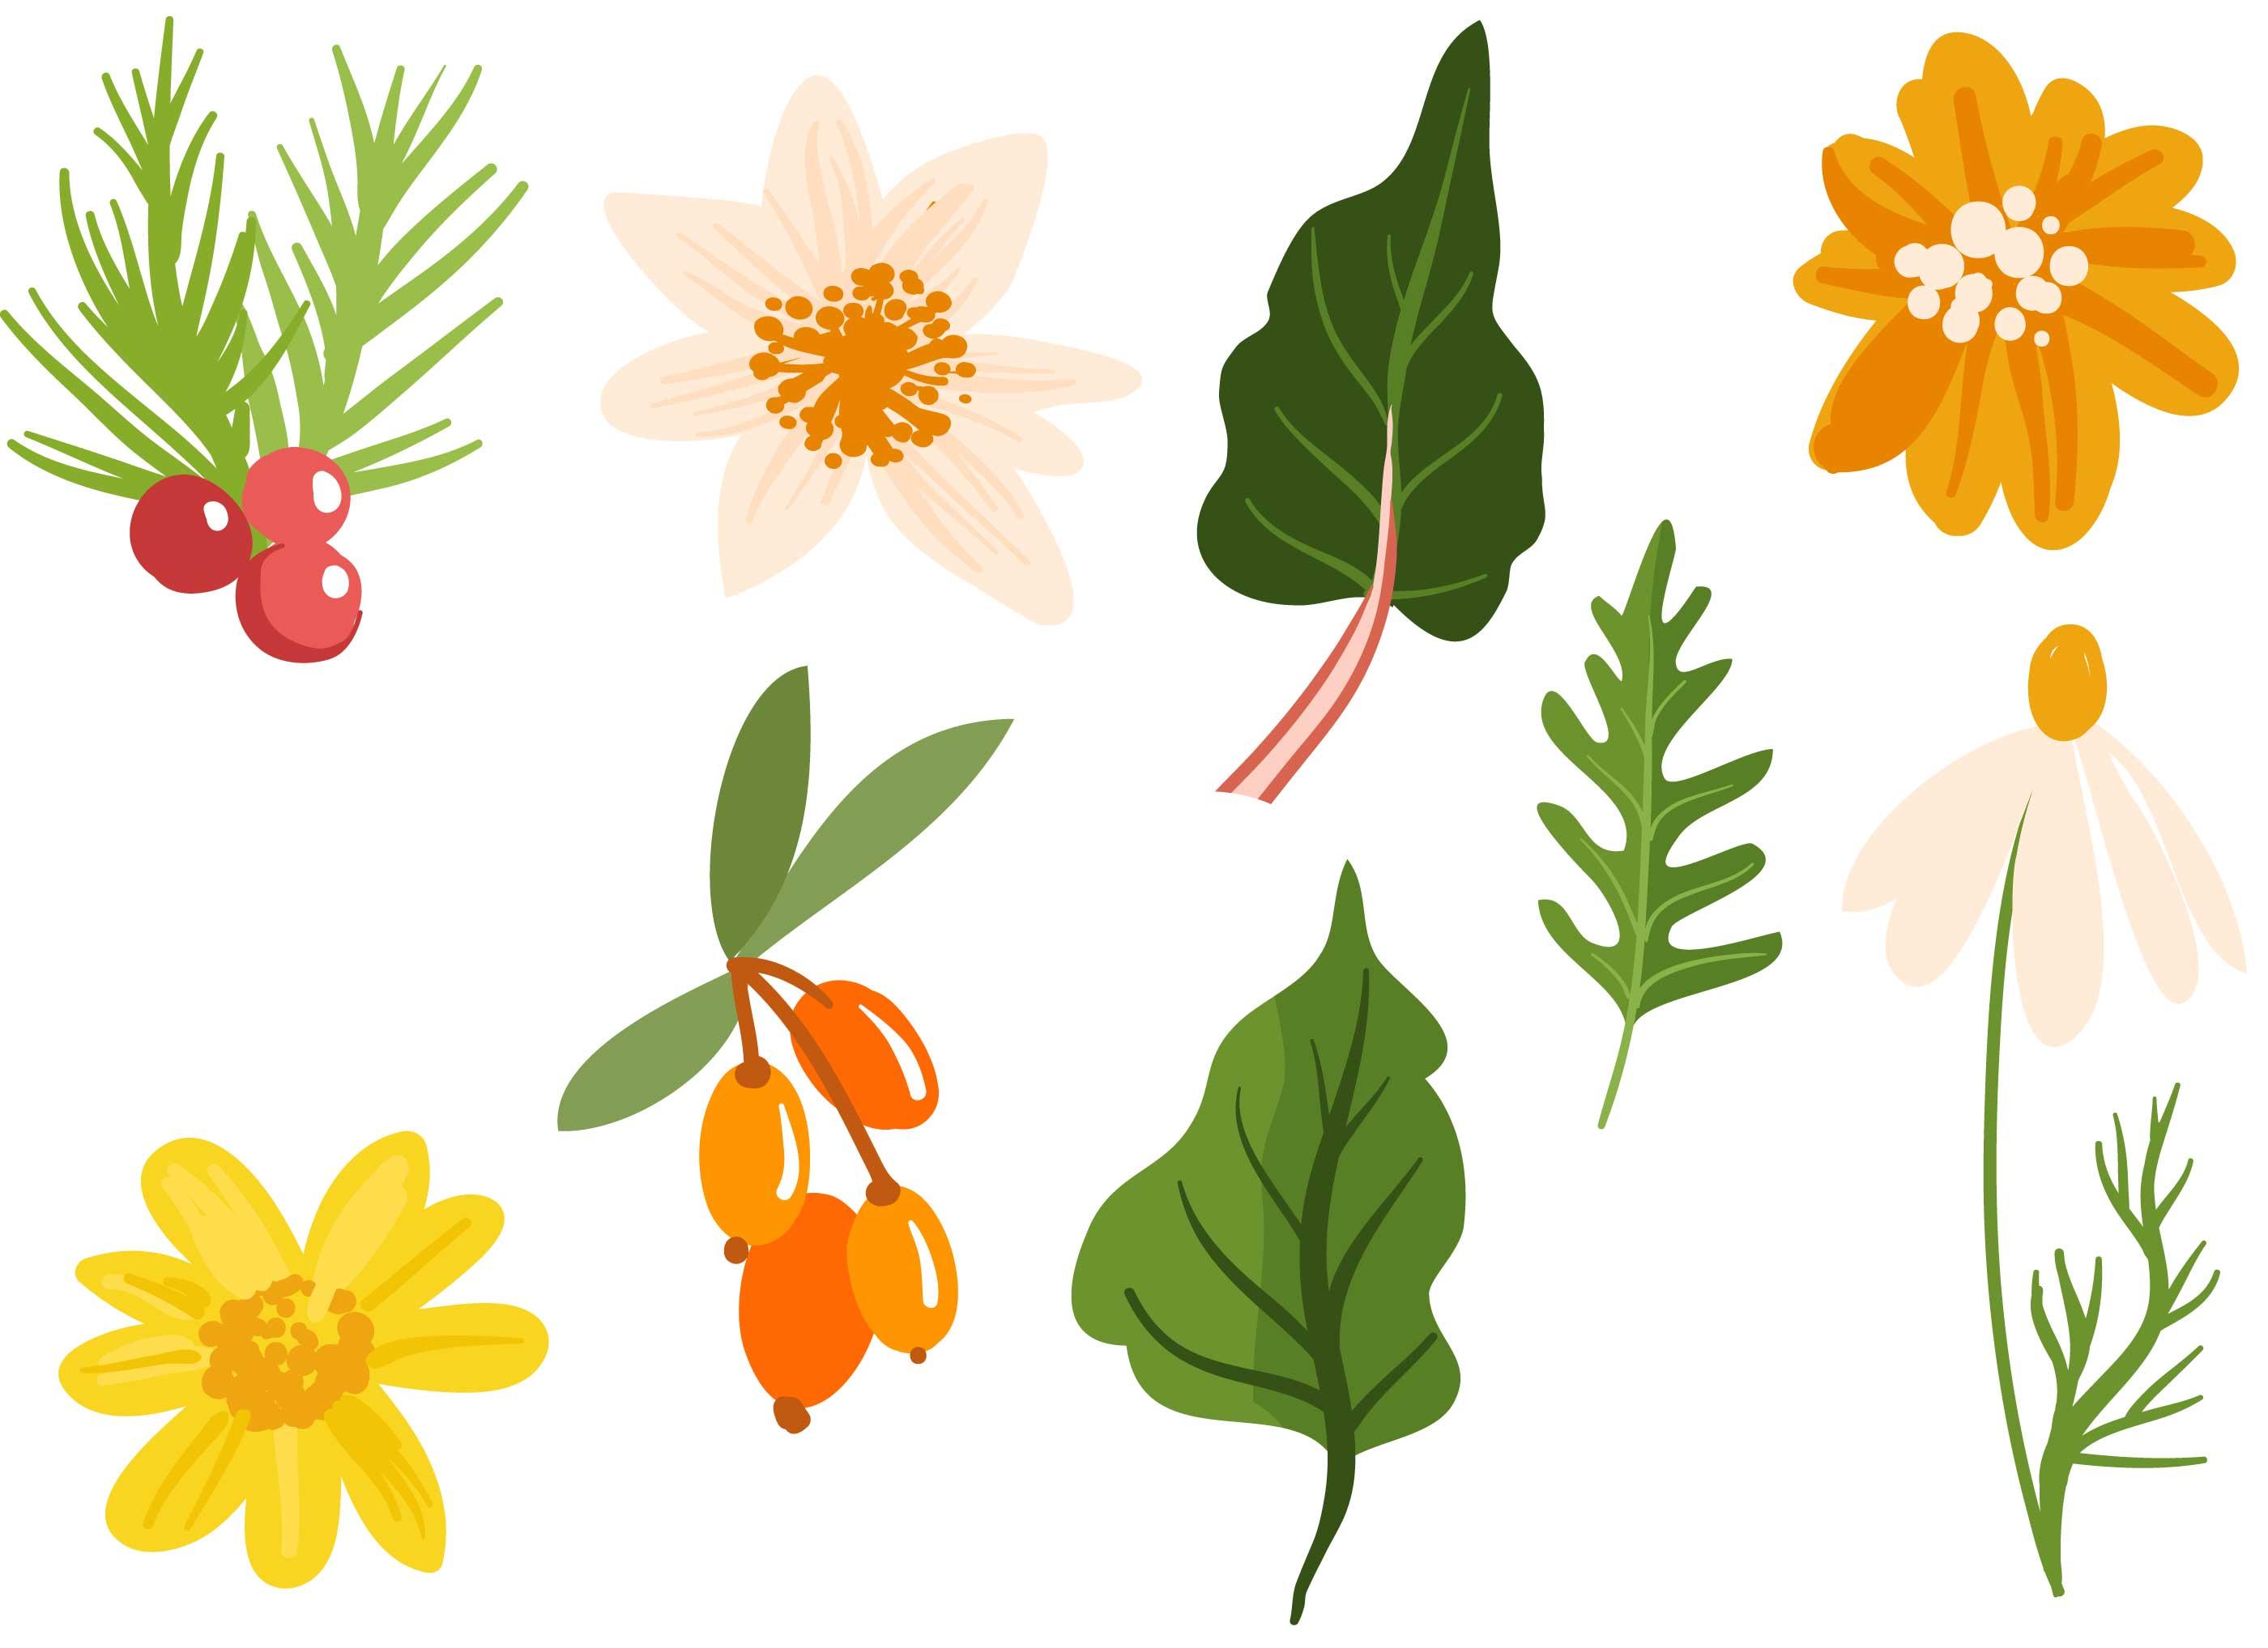 Plantas medicinales y vectores de hierbas descargue for Hierbas y plantas medicinales